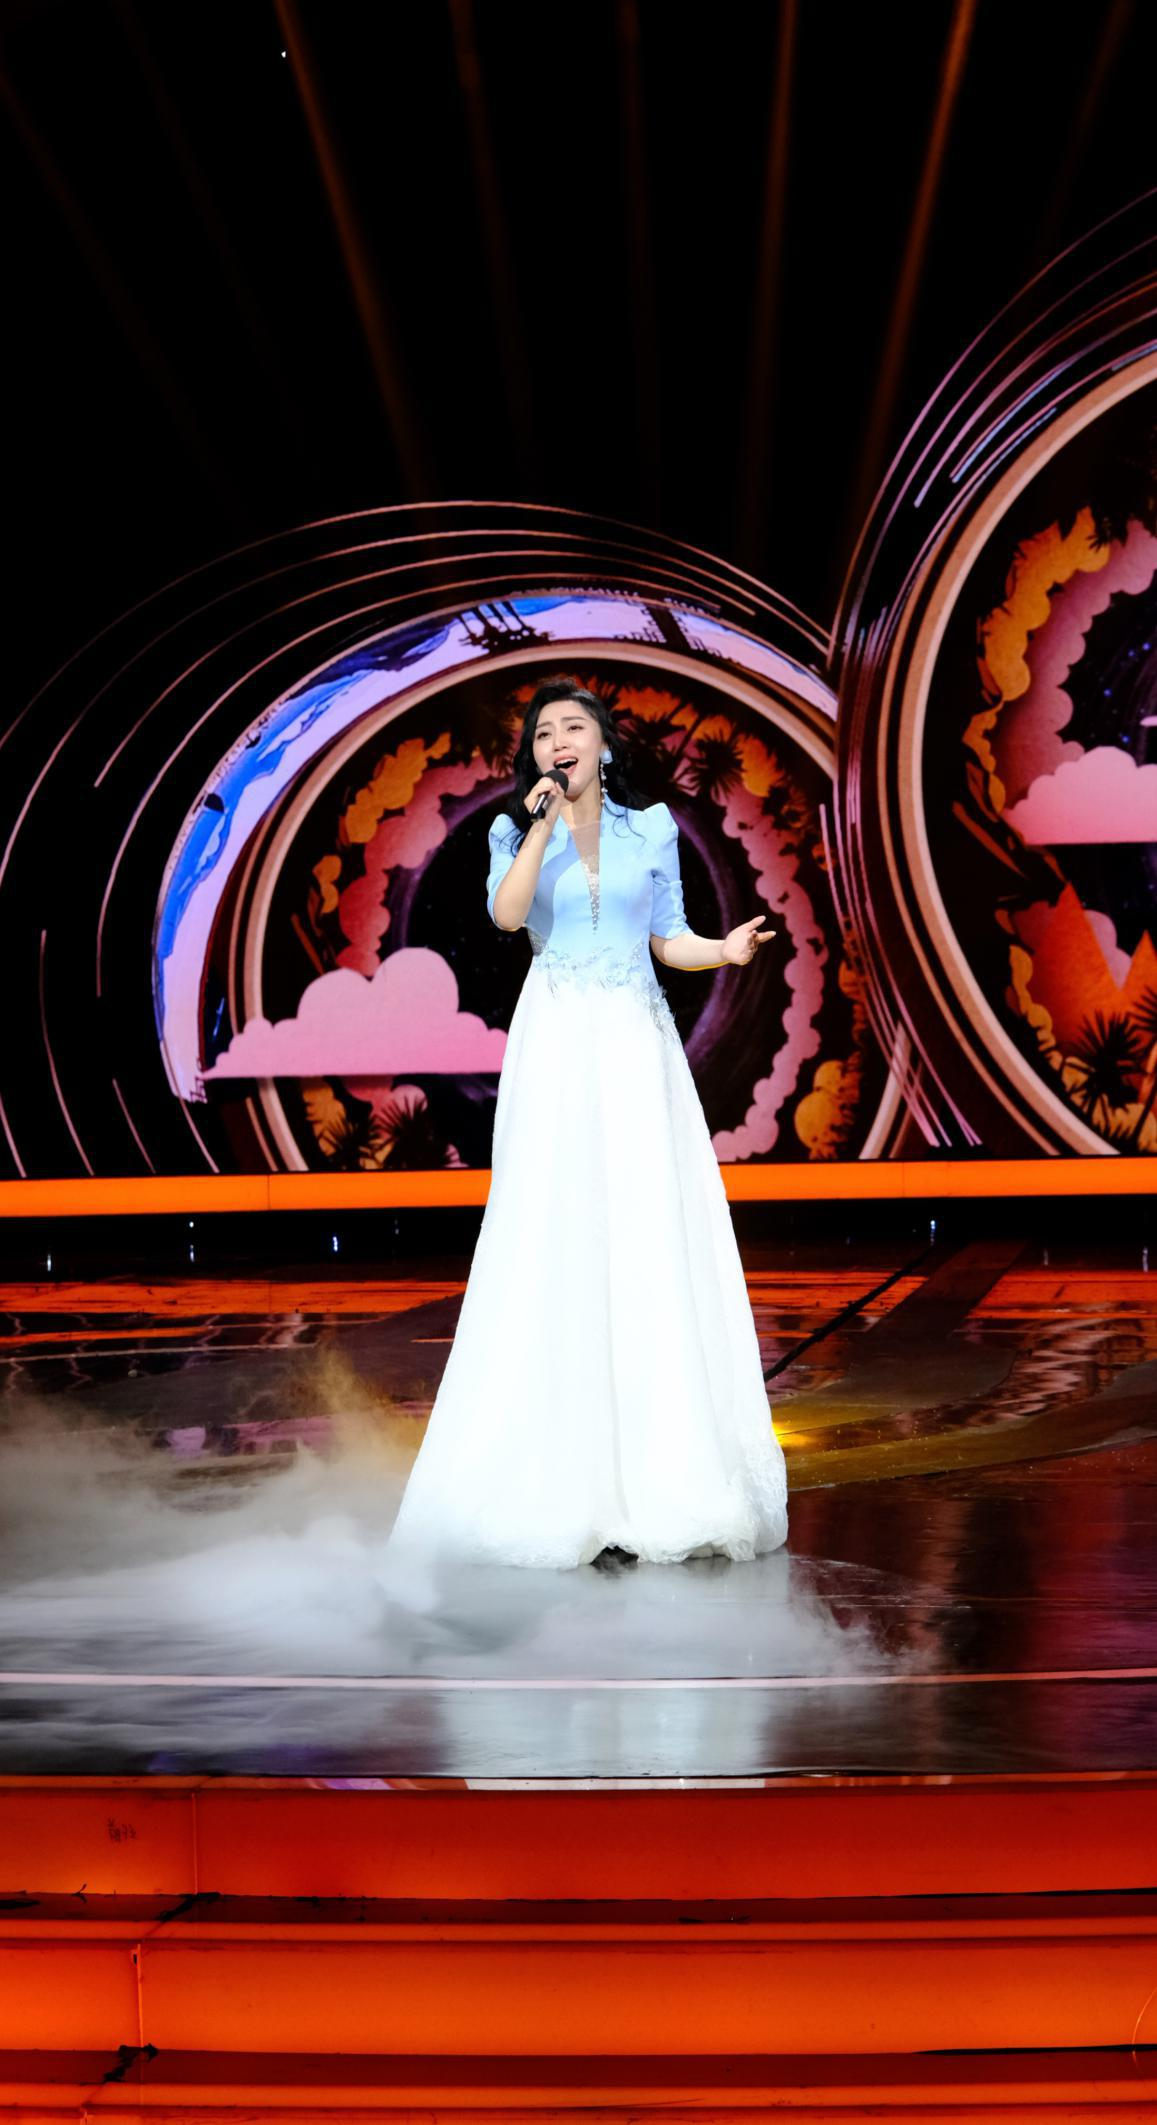 青年歌唱家钟亚华参加CCTV-3综艺节目演唱《牵手》